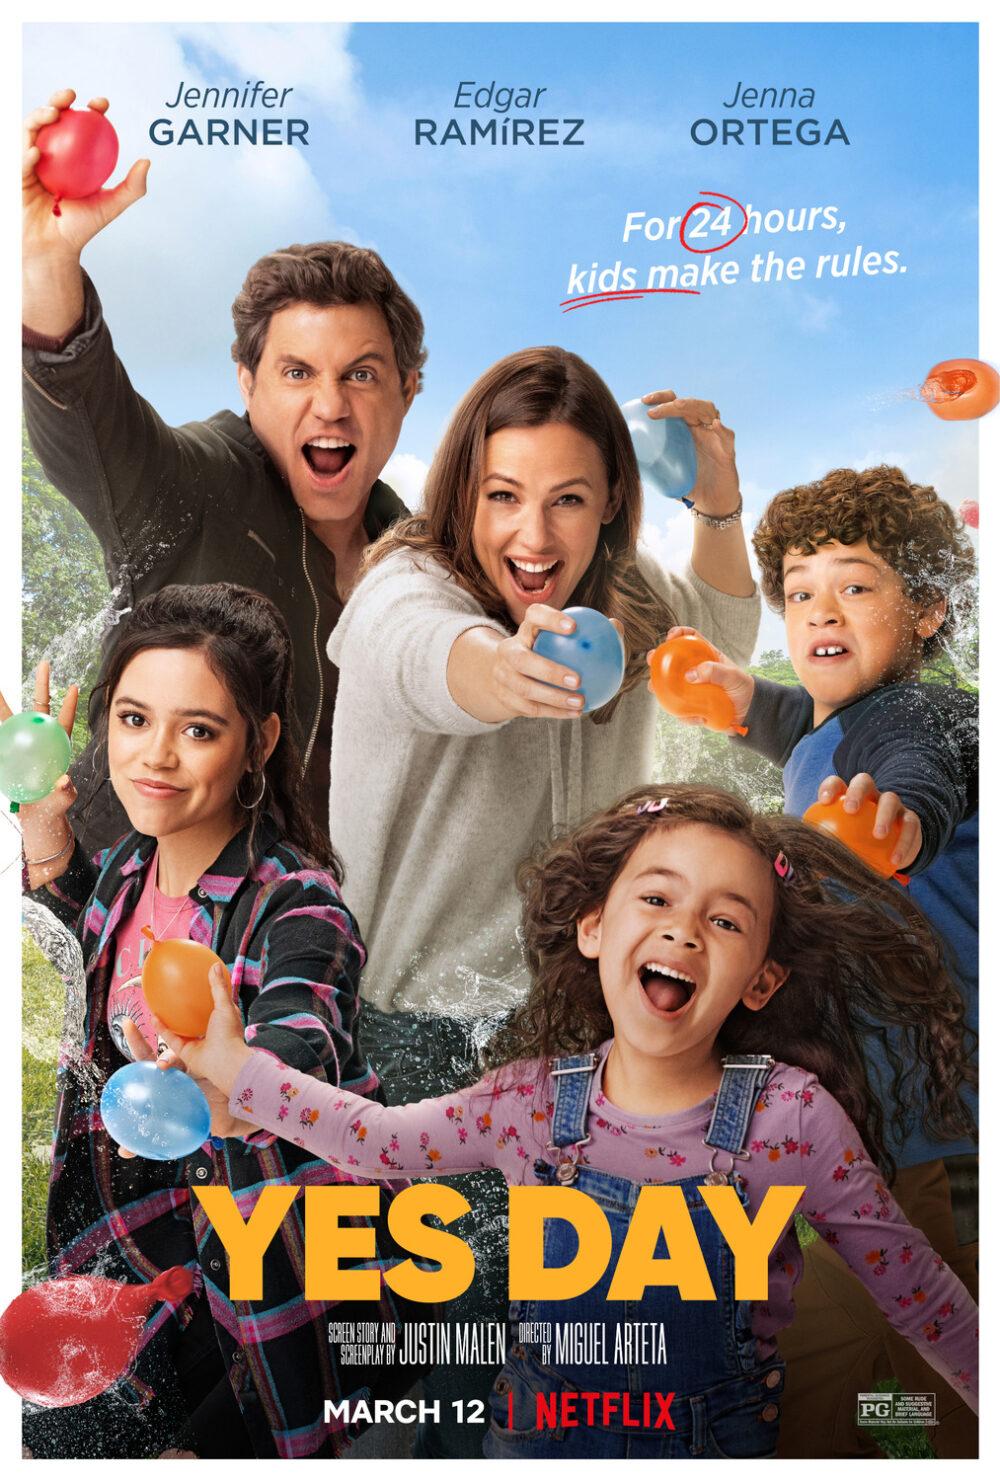 yes-day-trailer-italiano-della-commedia-per-famiglie-con-jennifer-garner